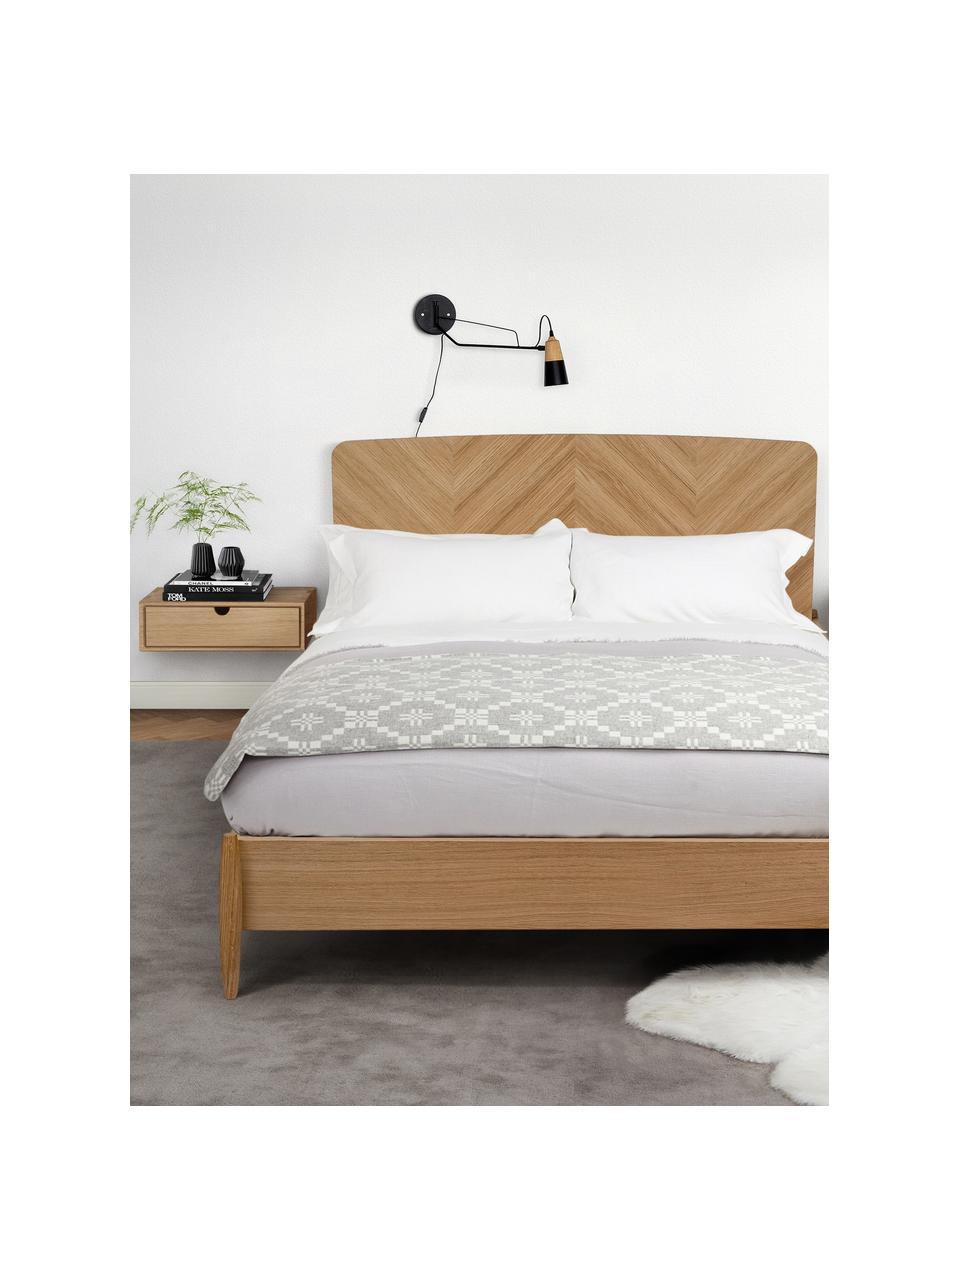 Comodino da parete con cassetto Farsta, Pannello di fibra a media densità con rivestimento in legno di quercia, Legno di quercia, Larg. 40 x Alt. 15 cm